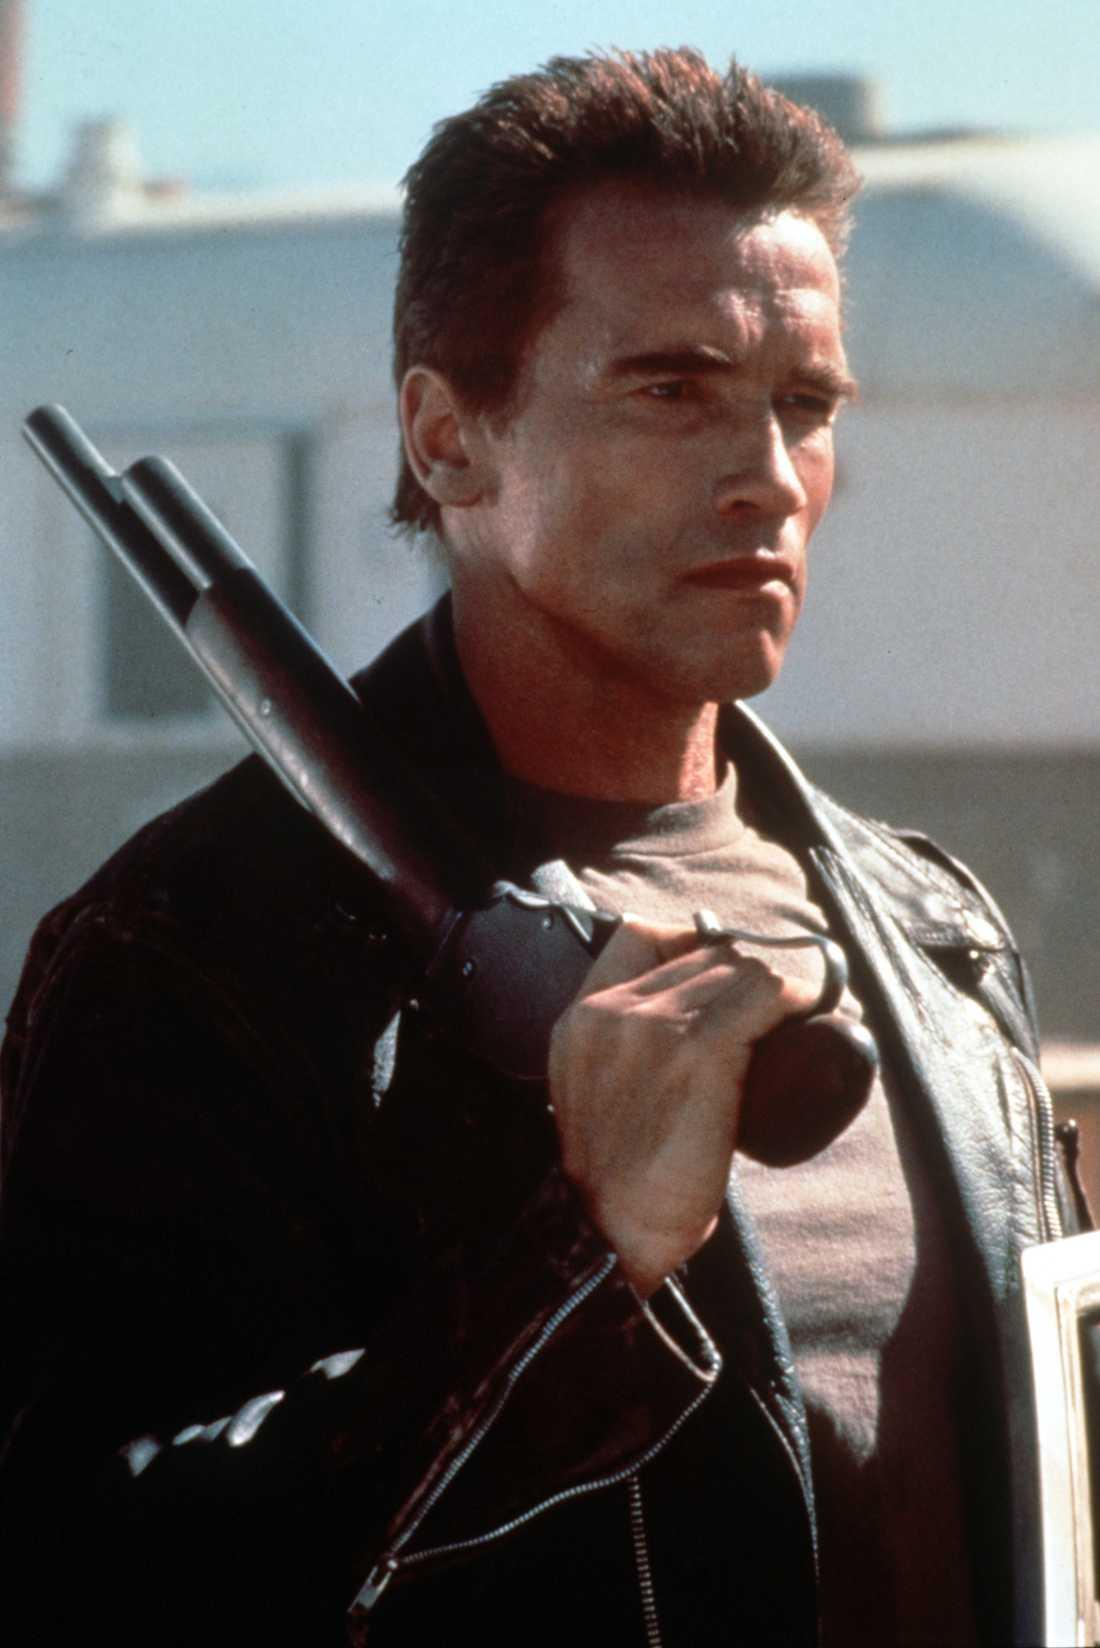 Arnold Schwarzenegger i Terminator 2, 1991. Terminator Dark Fate är enligt James Cameron den direkta uppföljaren till denna film.